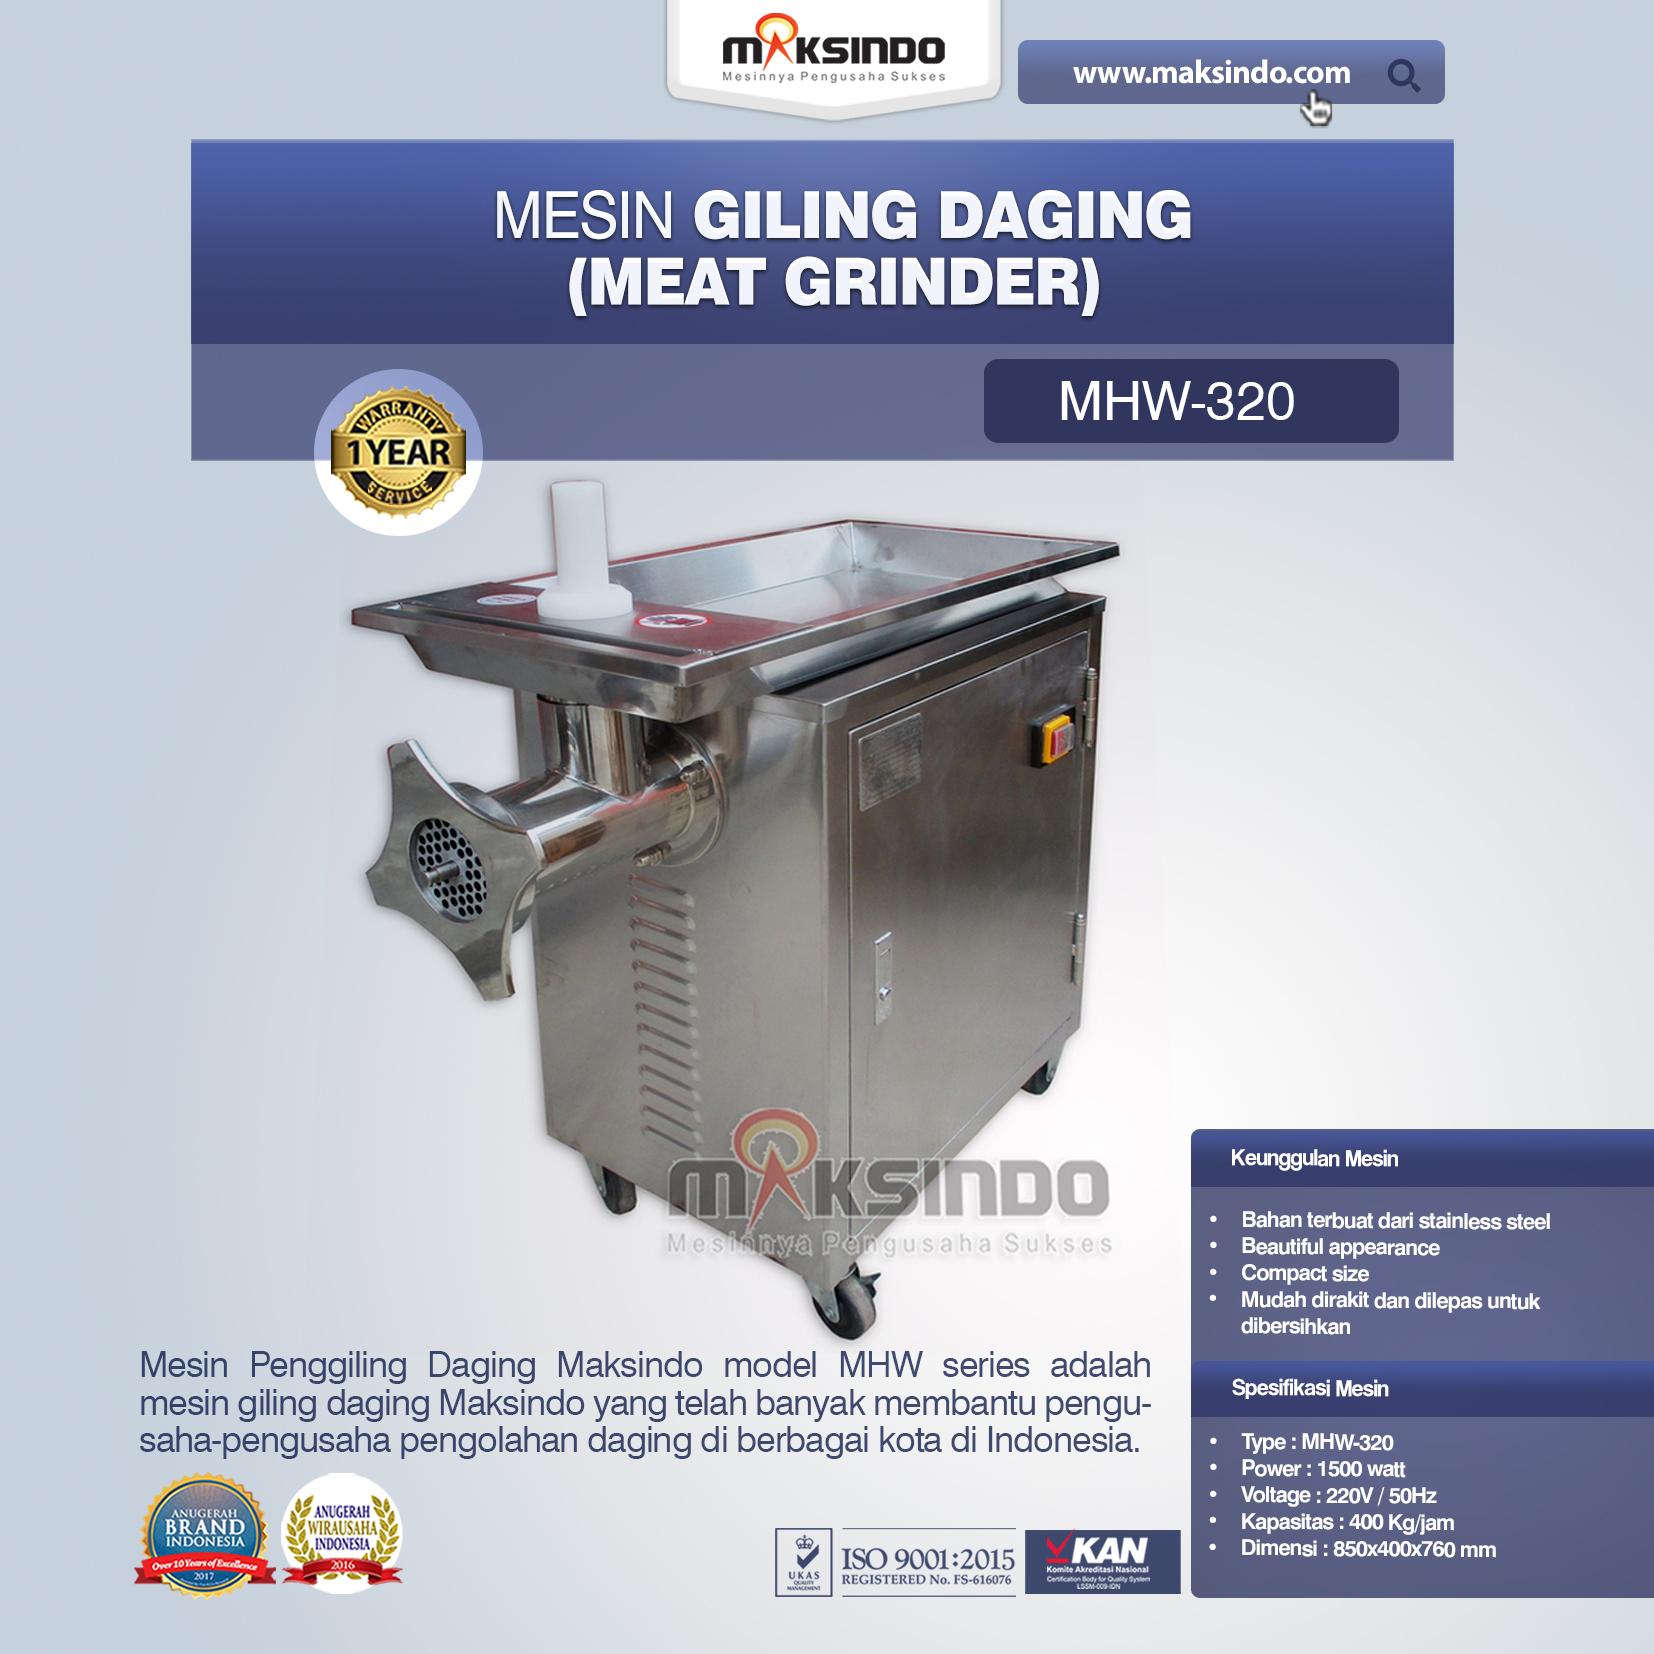 Mesin Giling Daging Meat Grinder MHW-320